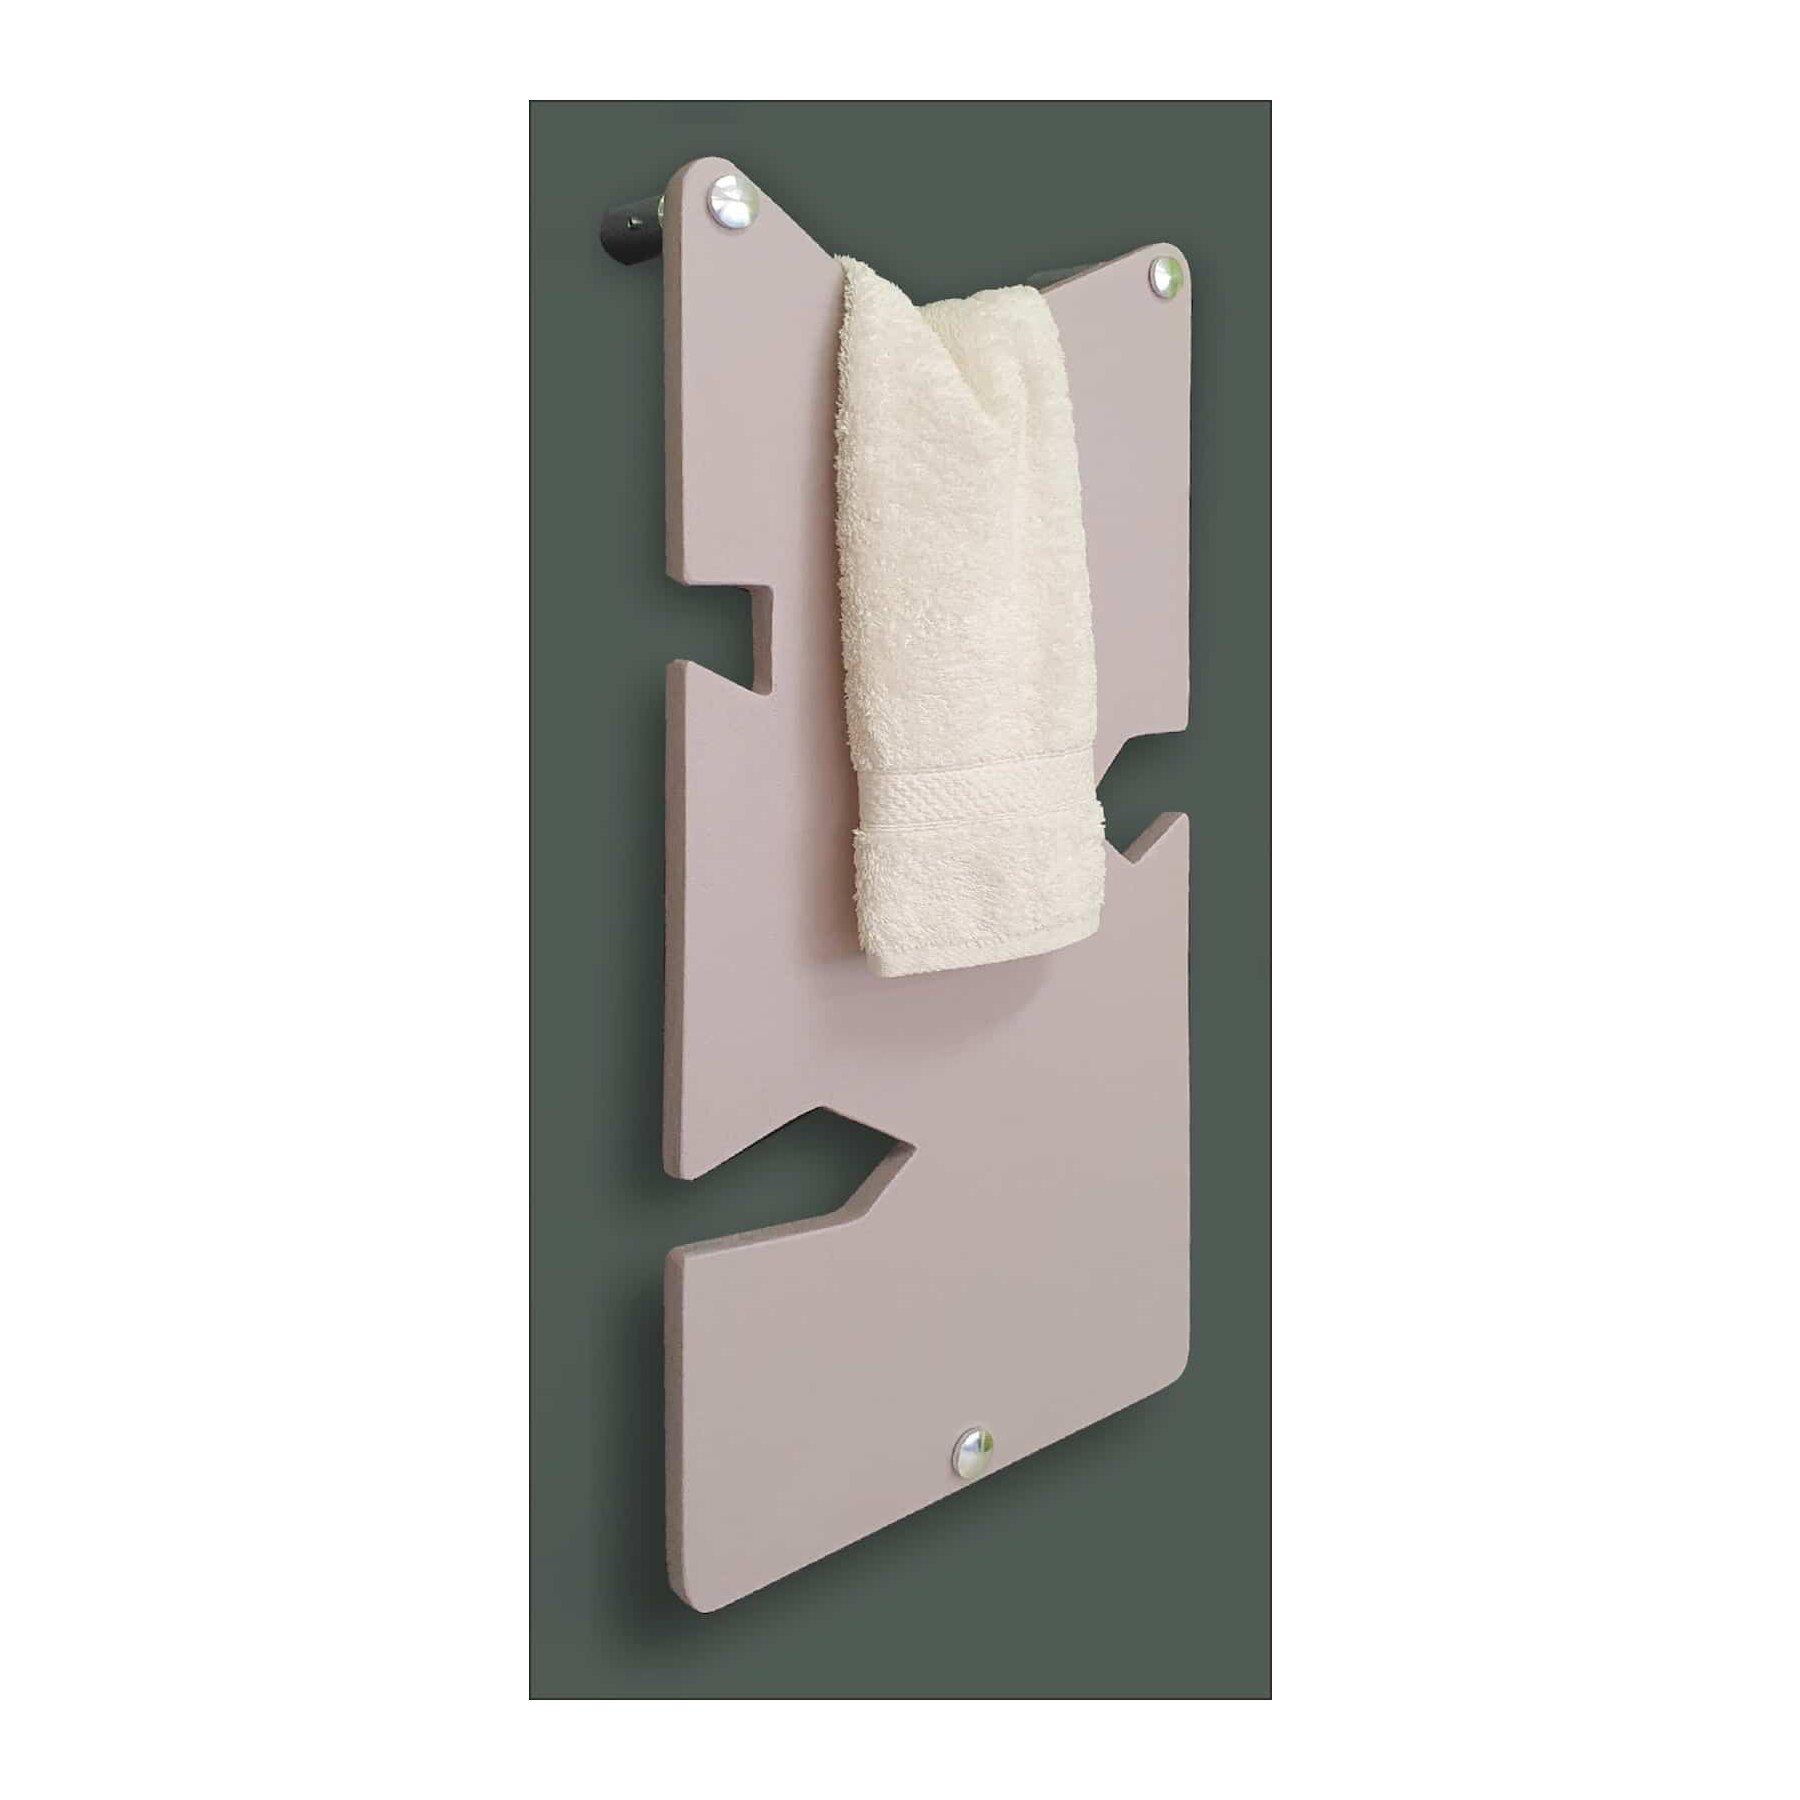 Handtuchhalter elektrisch beheizbar aus Keramik